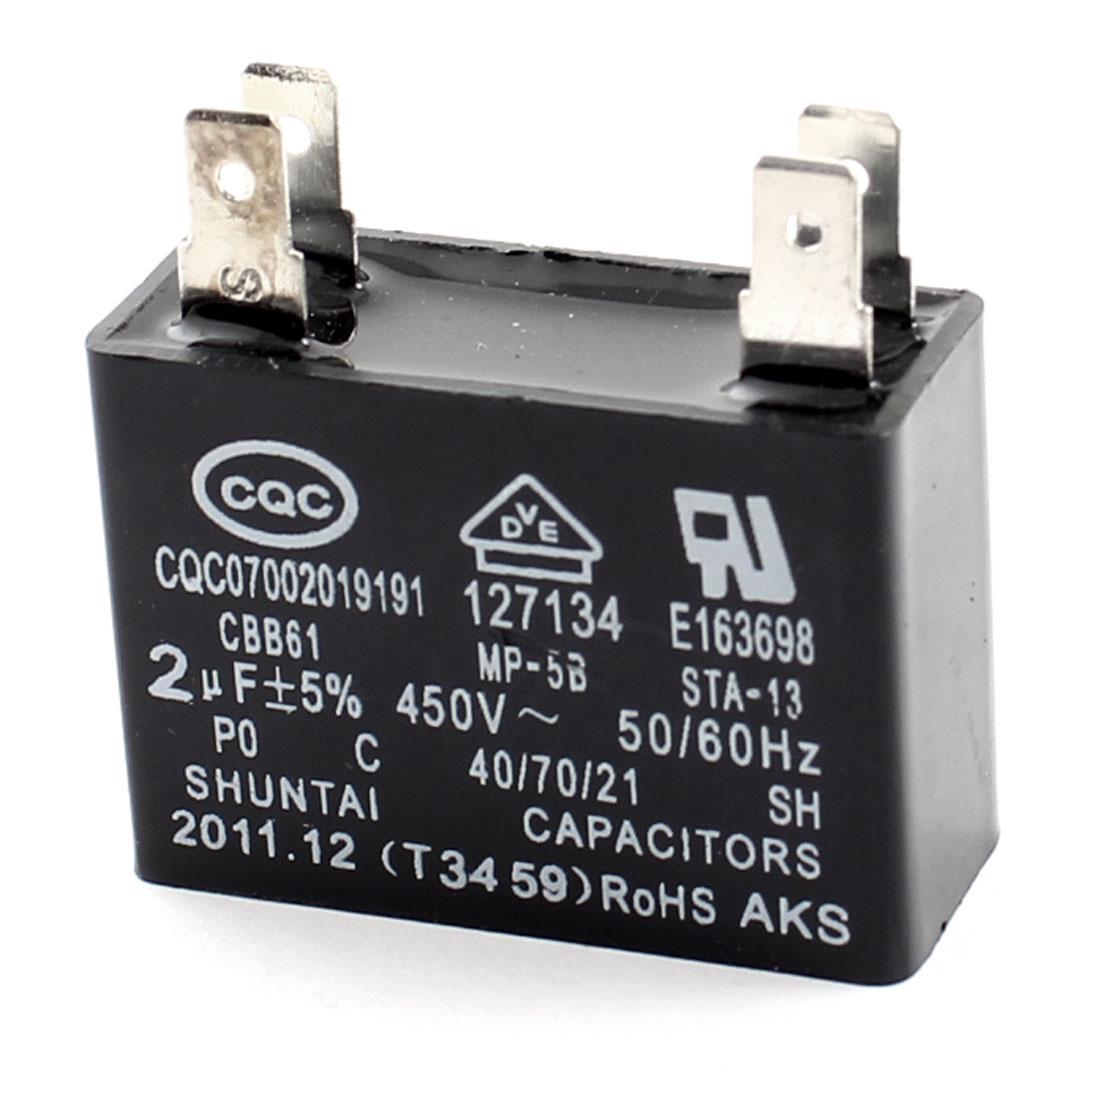 CBB61 AC450V 2uF 5% Tolerance Polypropylene Film Air Conditioner Fan Motor Running Capacitor Black